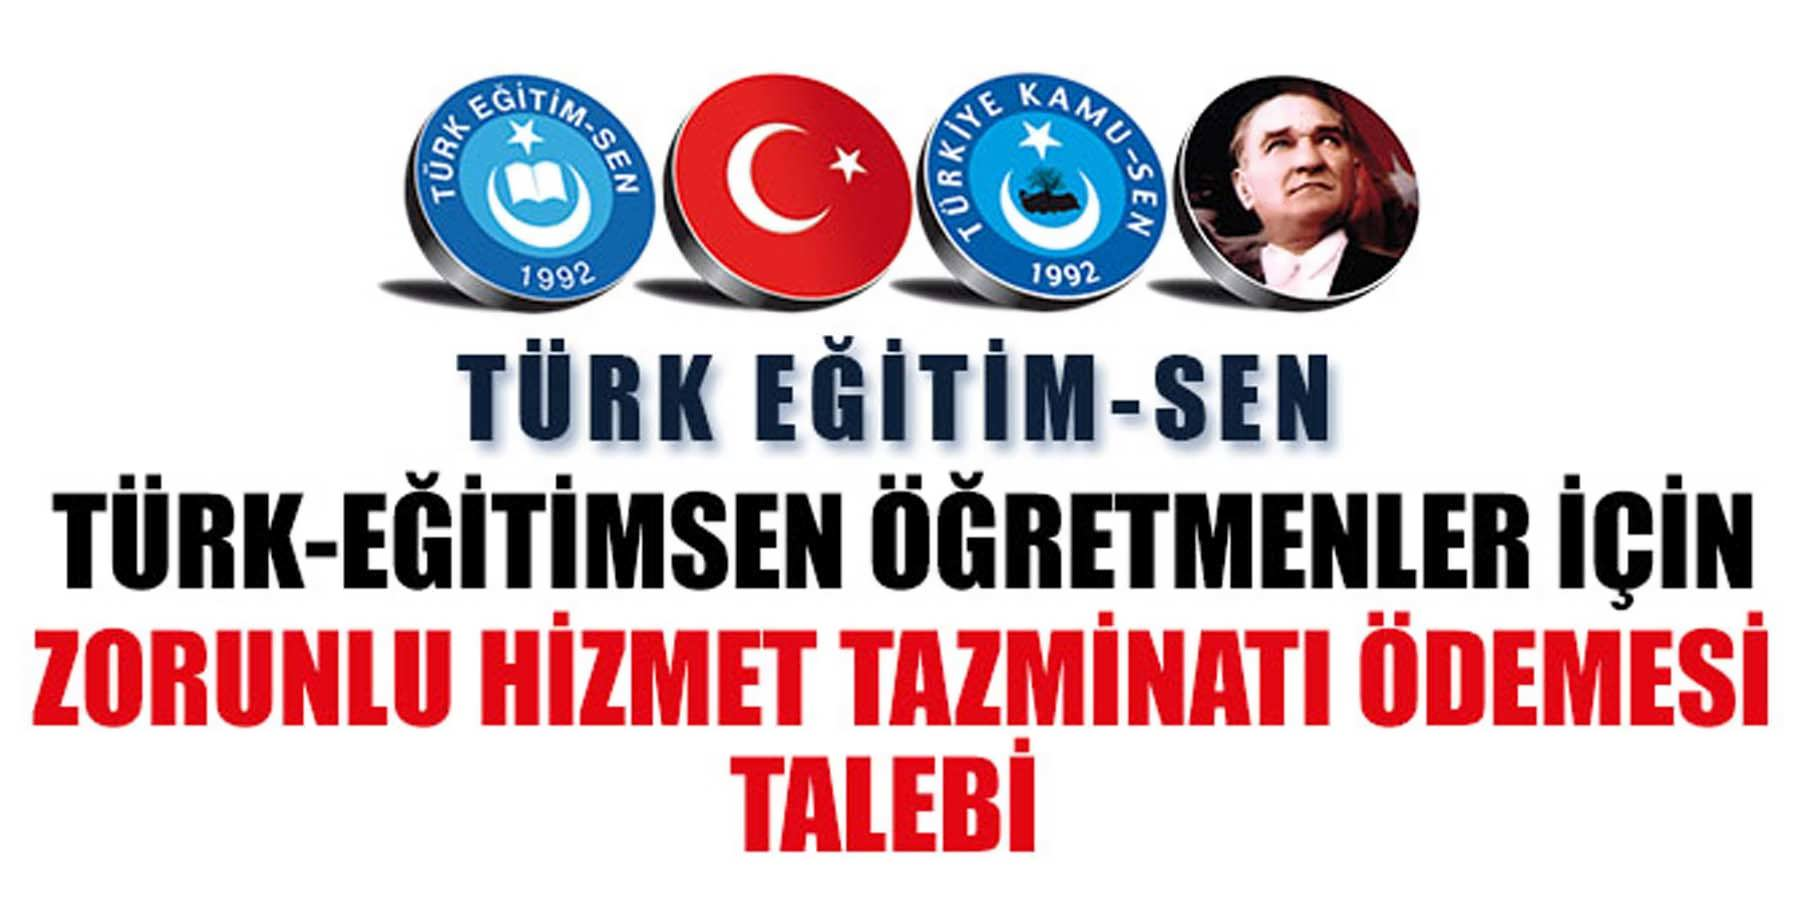 Türk Eğitim Sen Sözleşmeli Öğretmenlik İçin Zorunlu Hizmet Tazminatı Ödenmesini Önerdi!